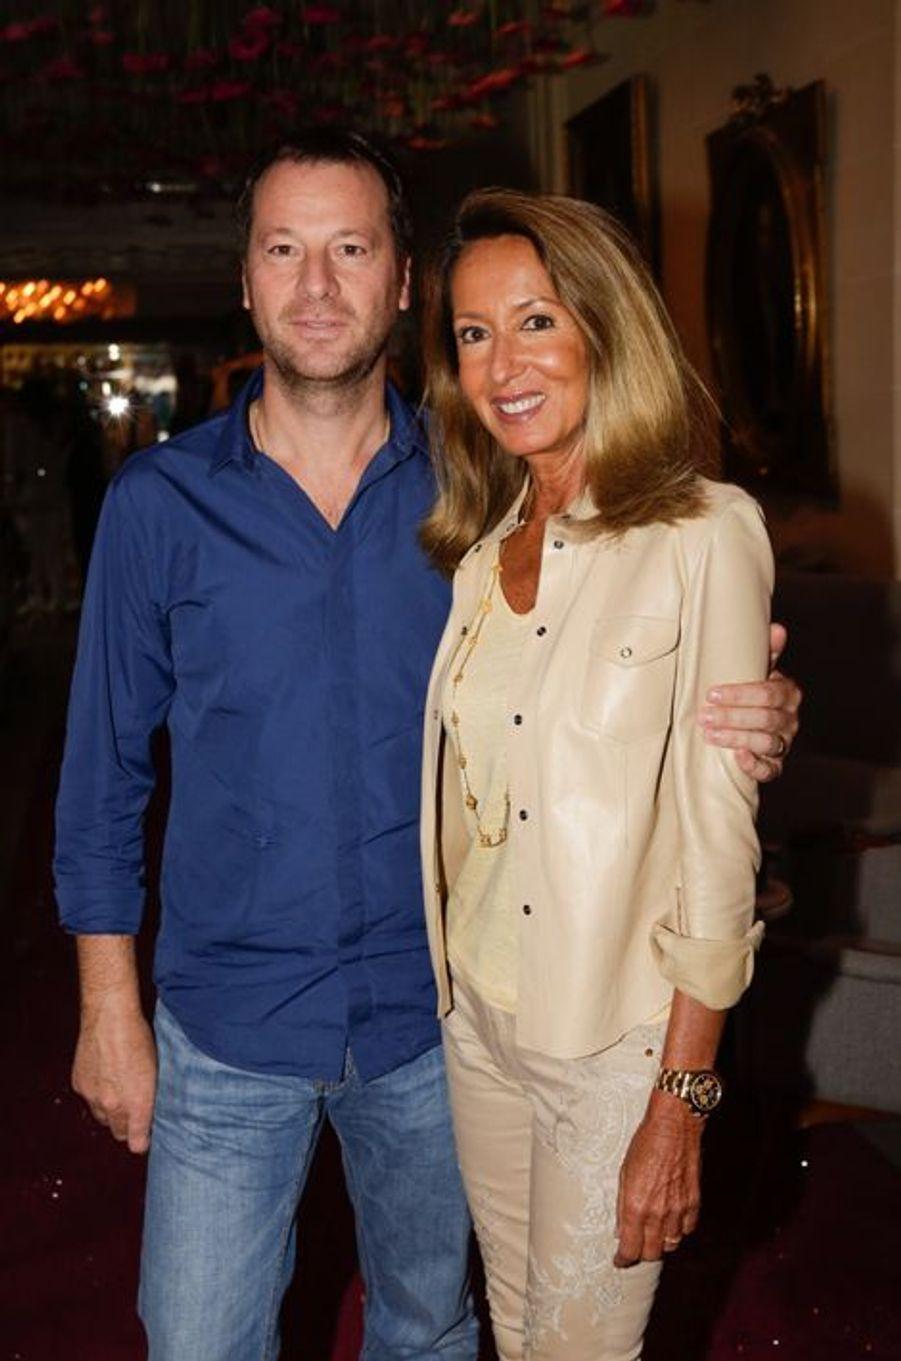 Roberto Ciurleo et Nicole Coullier au 10e anniversaire de l'Hôtel de Sers à Paris, le 10 septembre 2014.